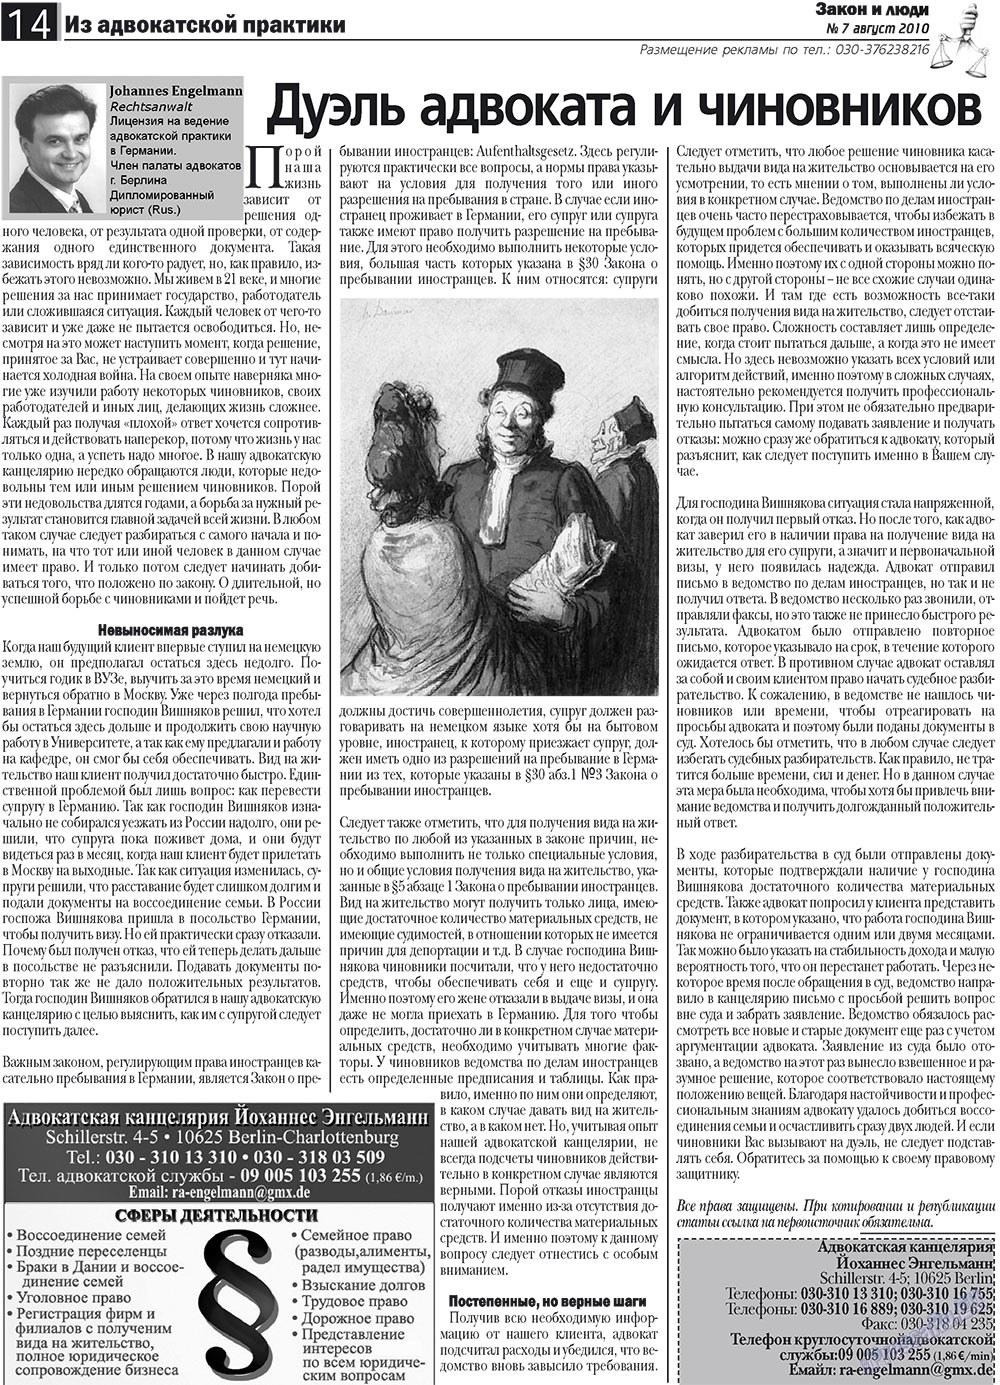 Закон и люди (газета). 2010 год, номер 7, стр. 14